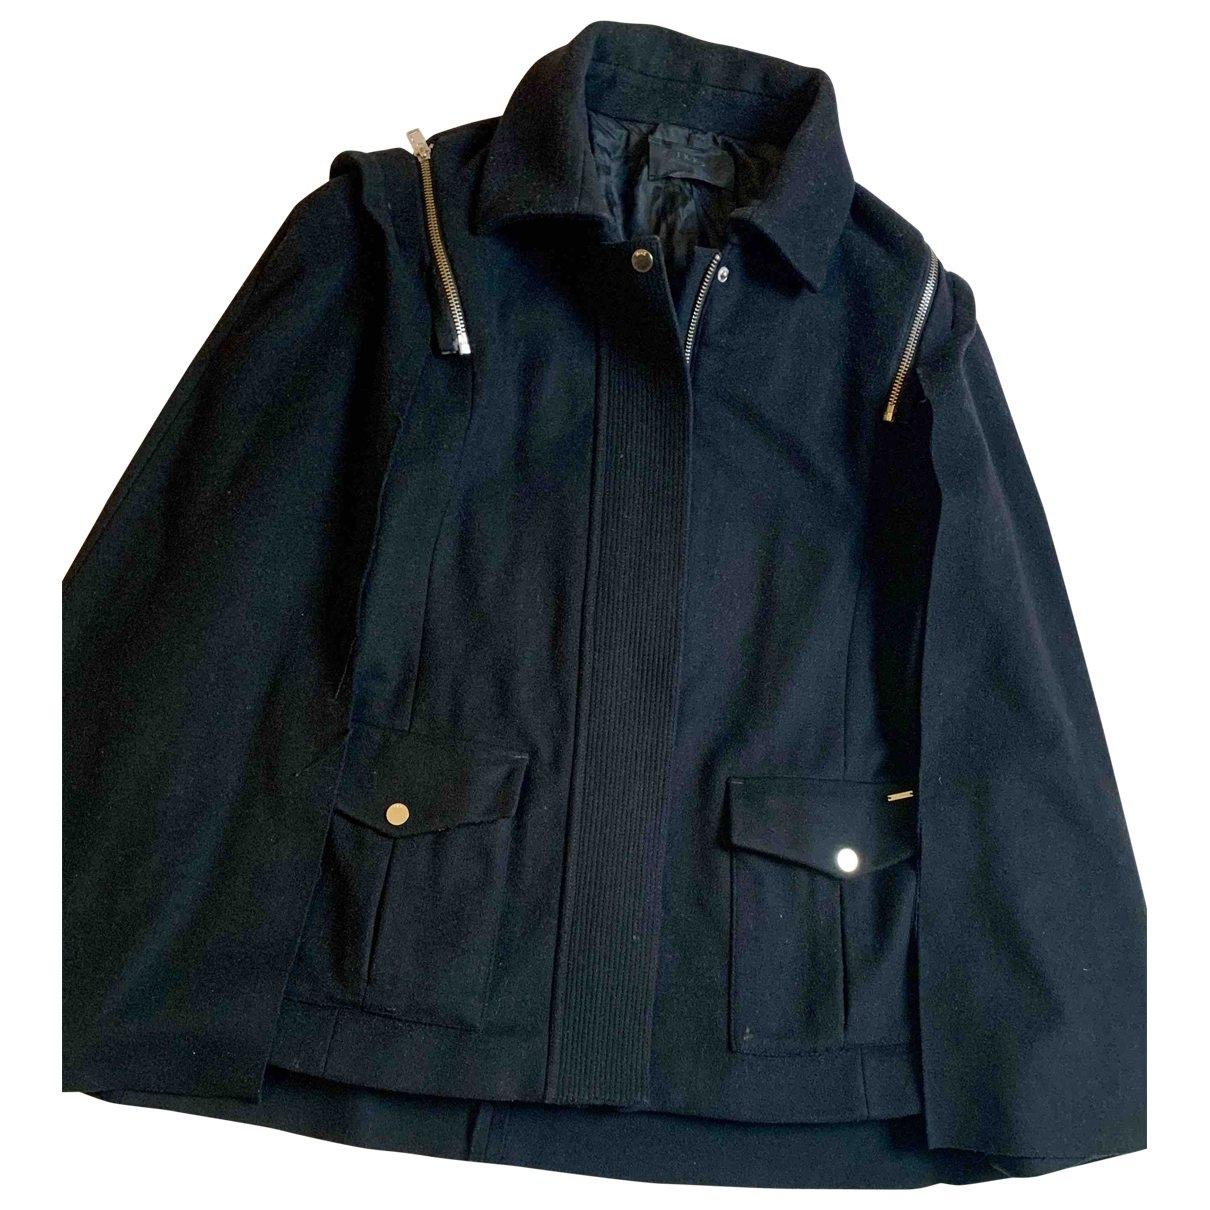 Ikks \N Black Wool coat for Women M International